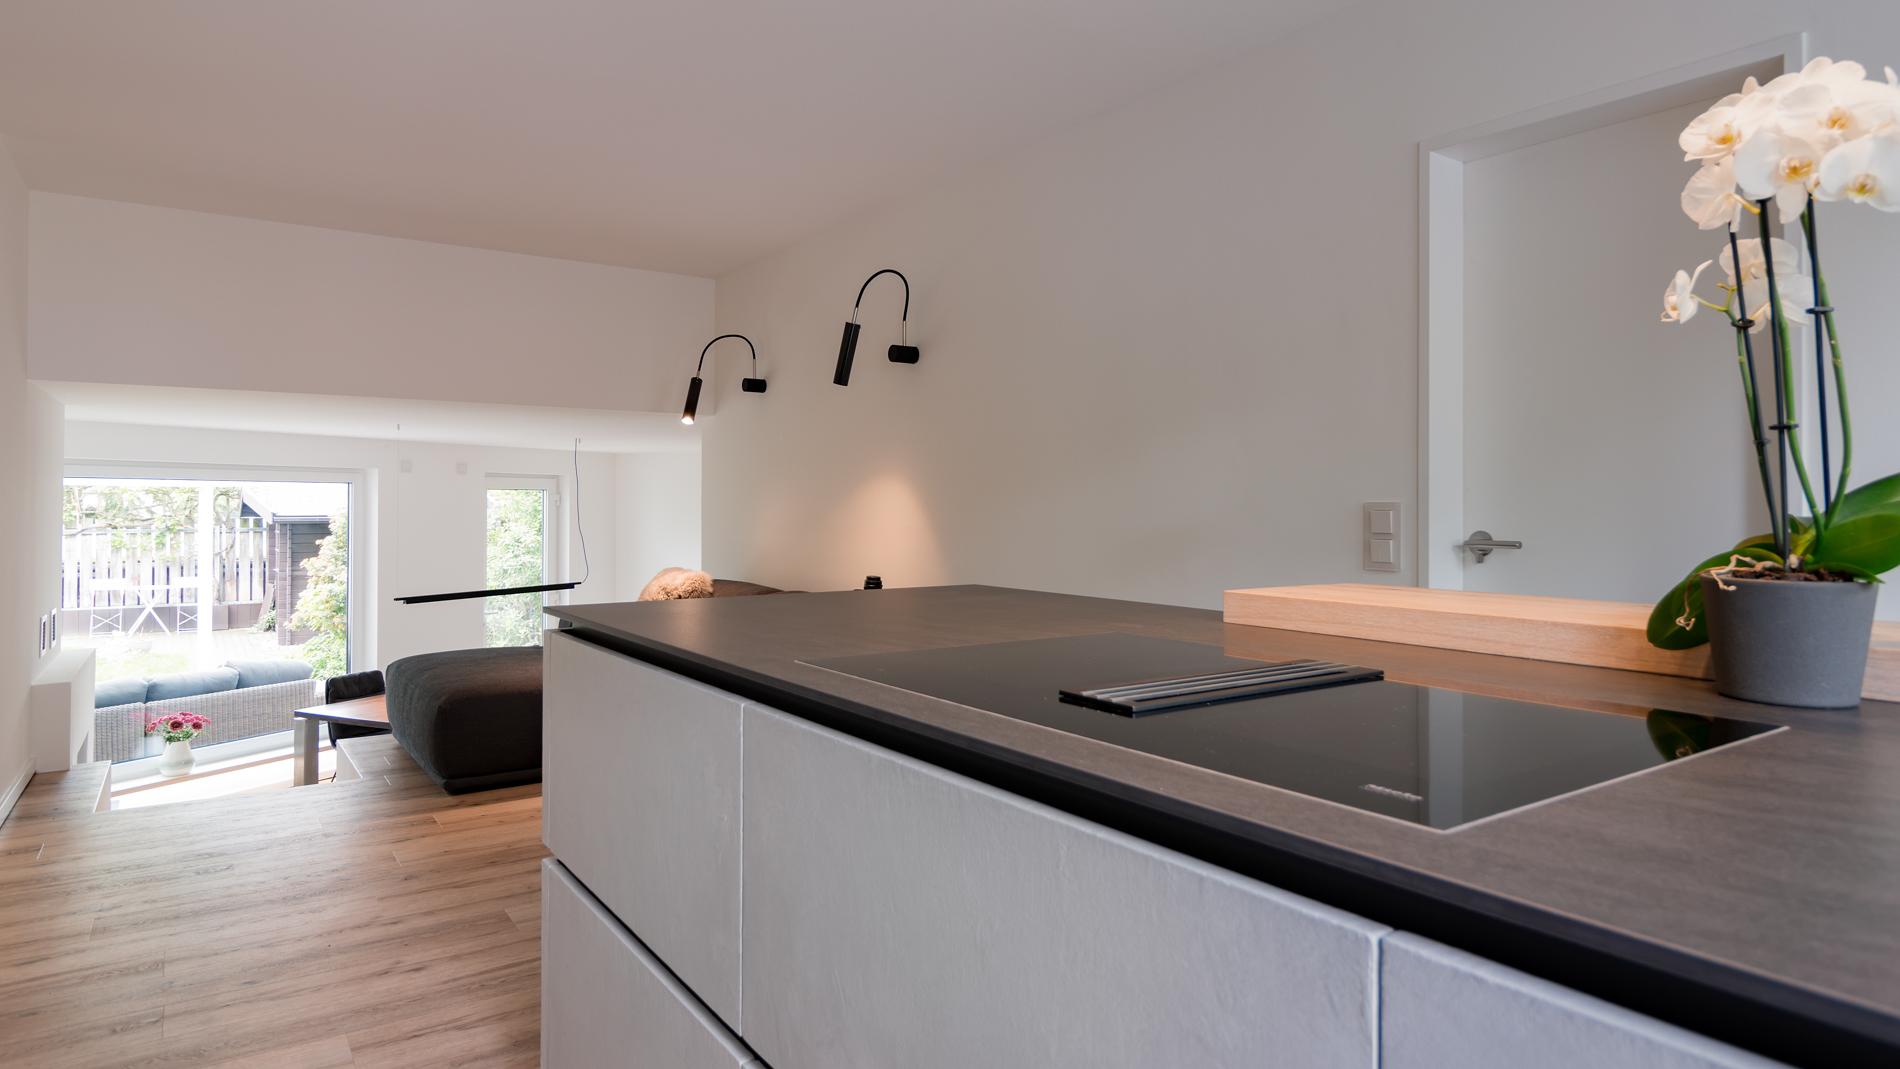 K-013_Küche-34